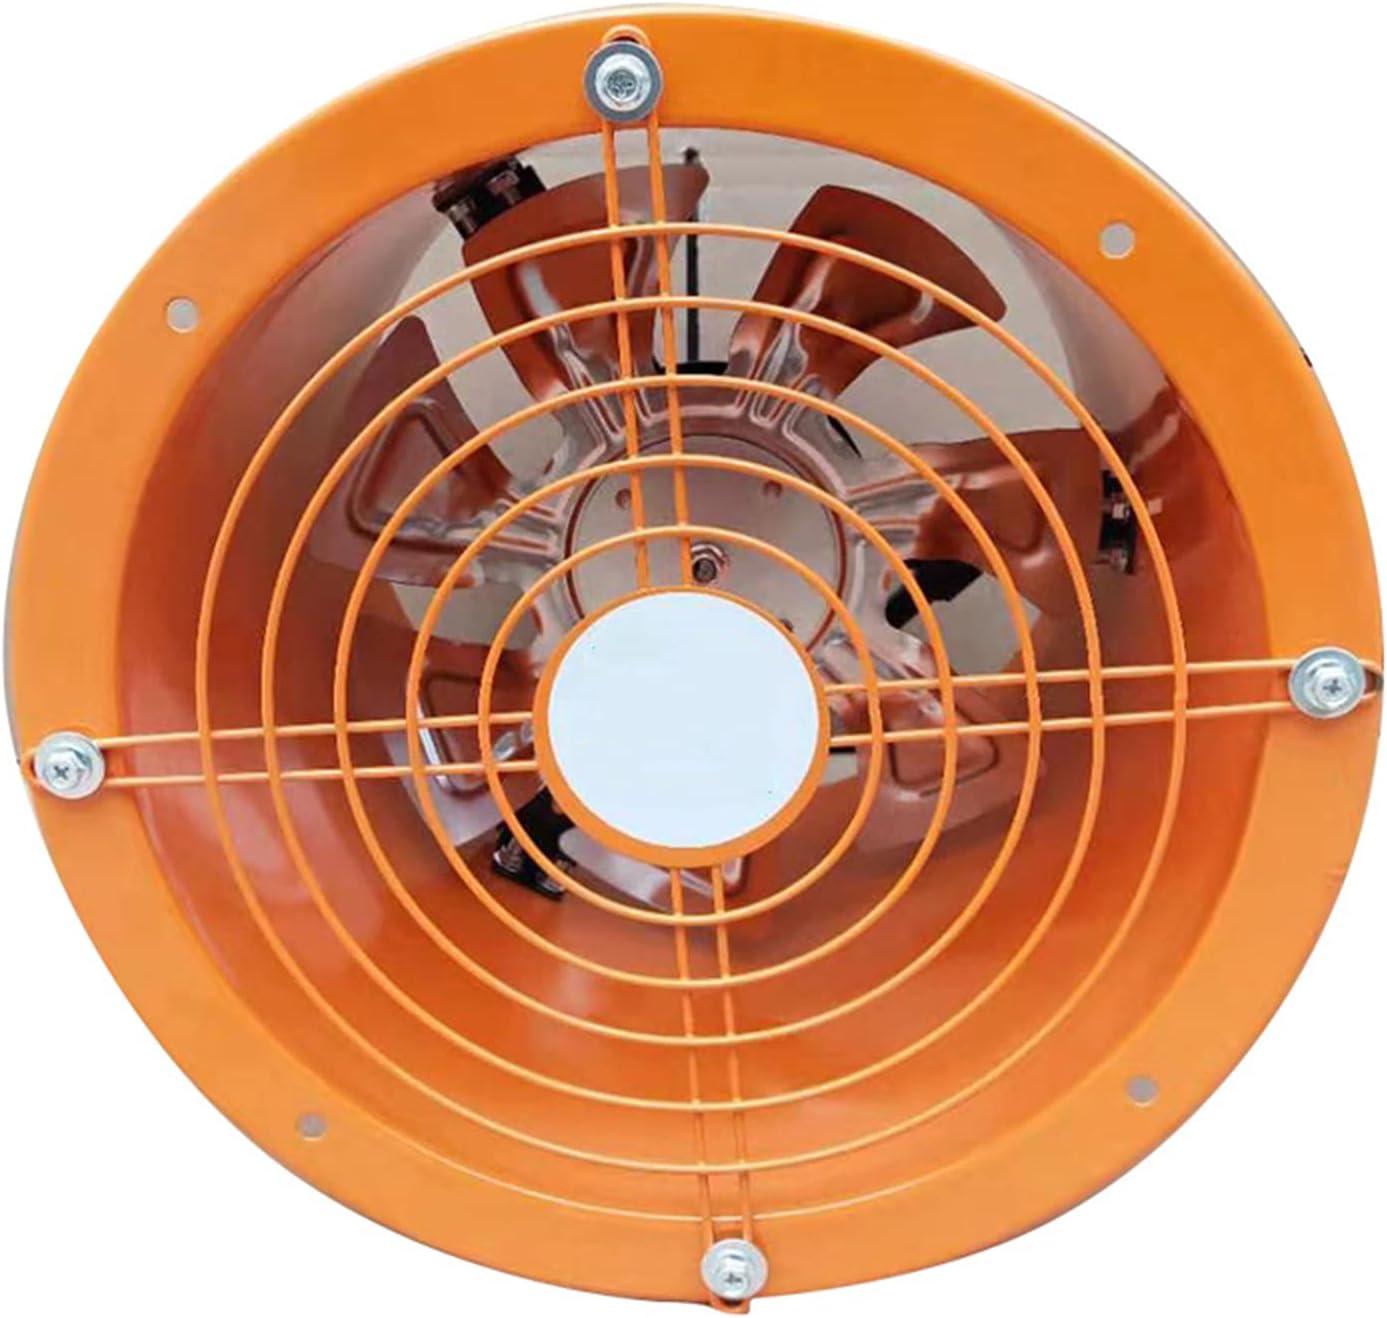 Starsmyy Ventilador De Extracción Ventilador Extracción Ventilación Gas Polvo Industrial Alta Velocidad Portátil para Talleres, Fábricas, Salas Producción, Criaderos, 3000m³/h, 14 Inch